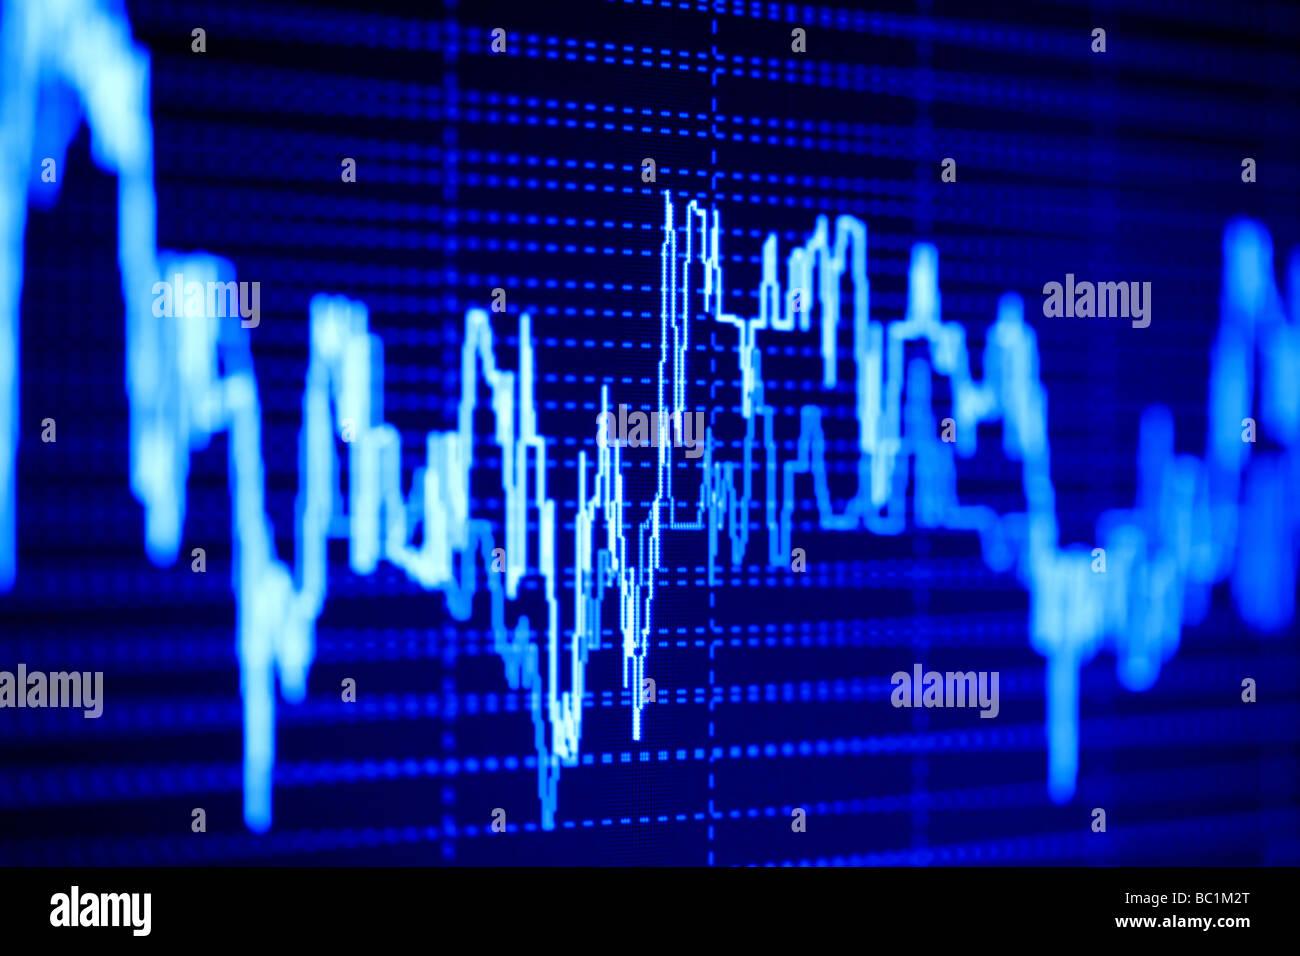 Il mercato azionario di grafici sul monitor lcd. Immagini Stock